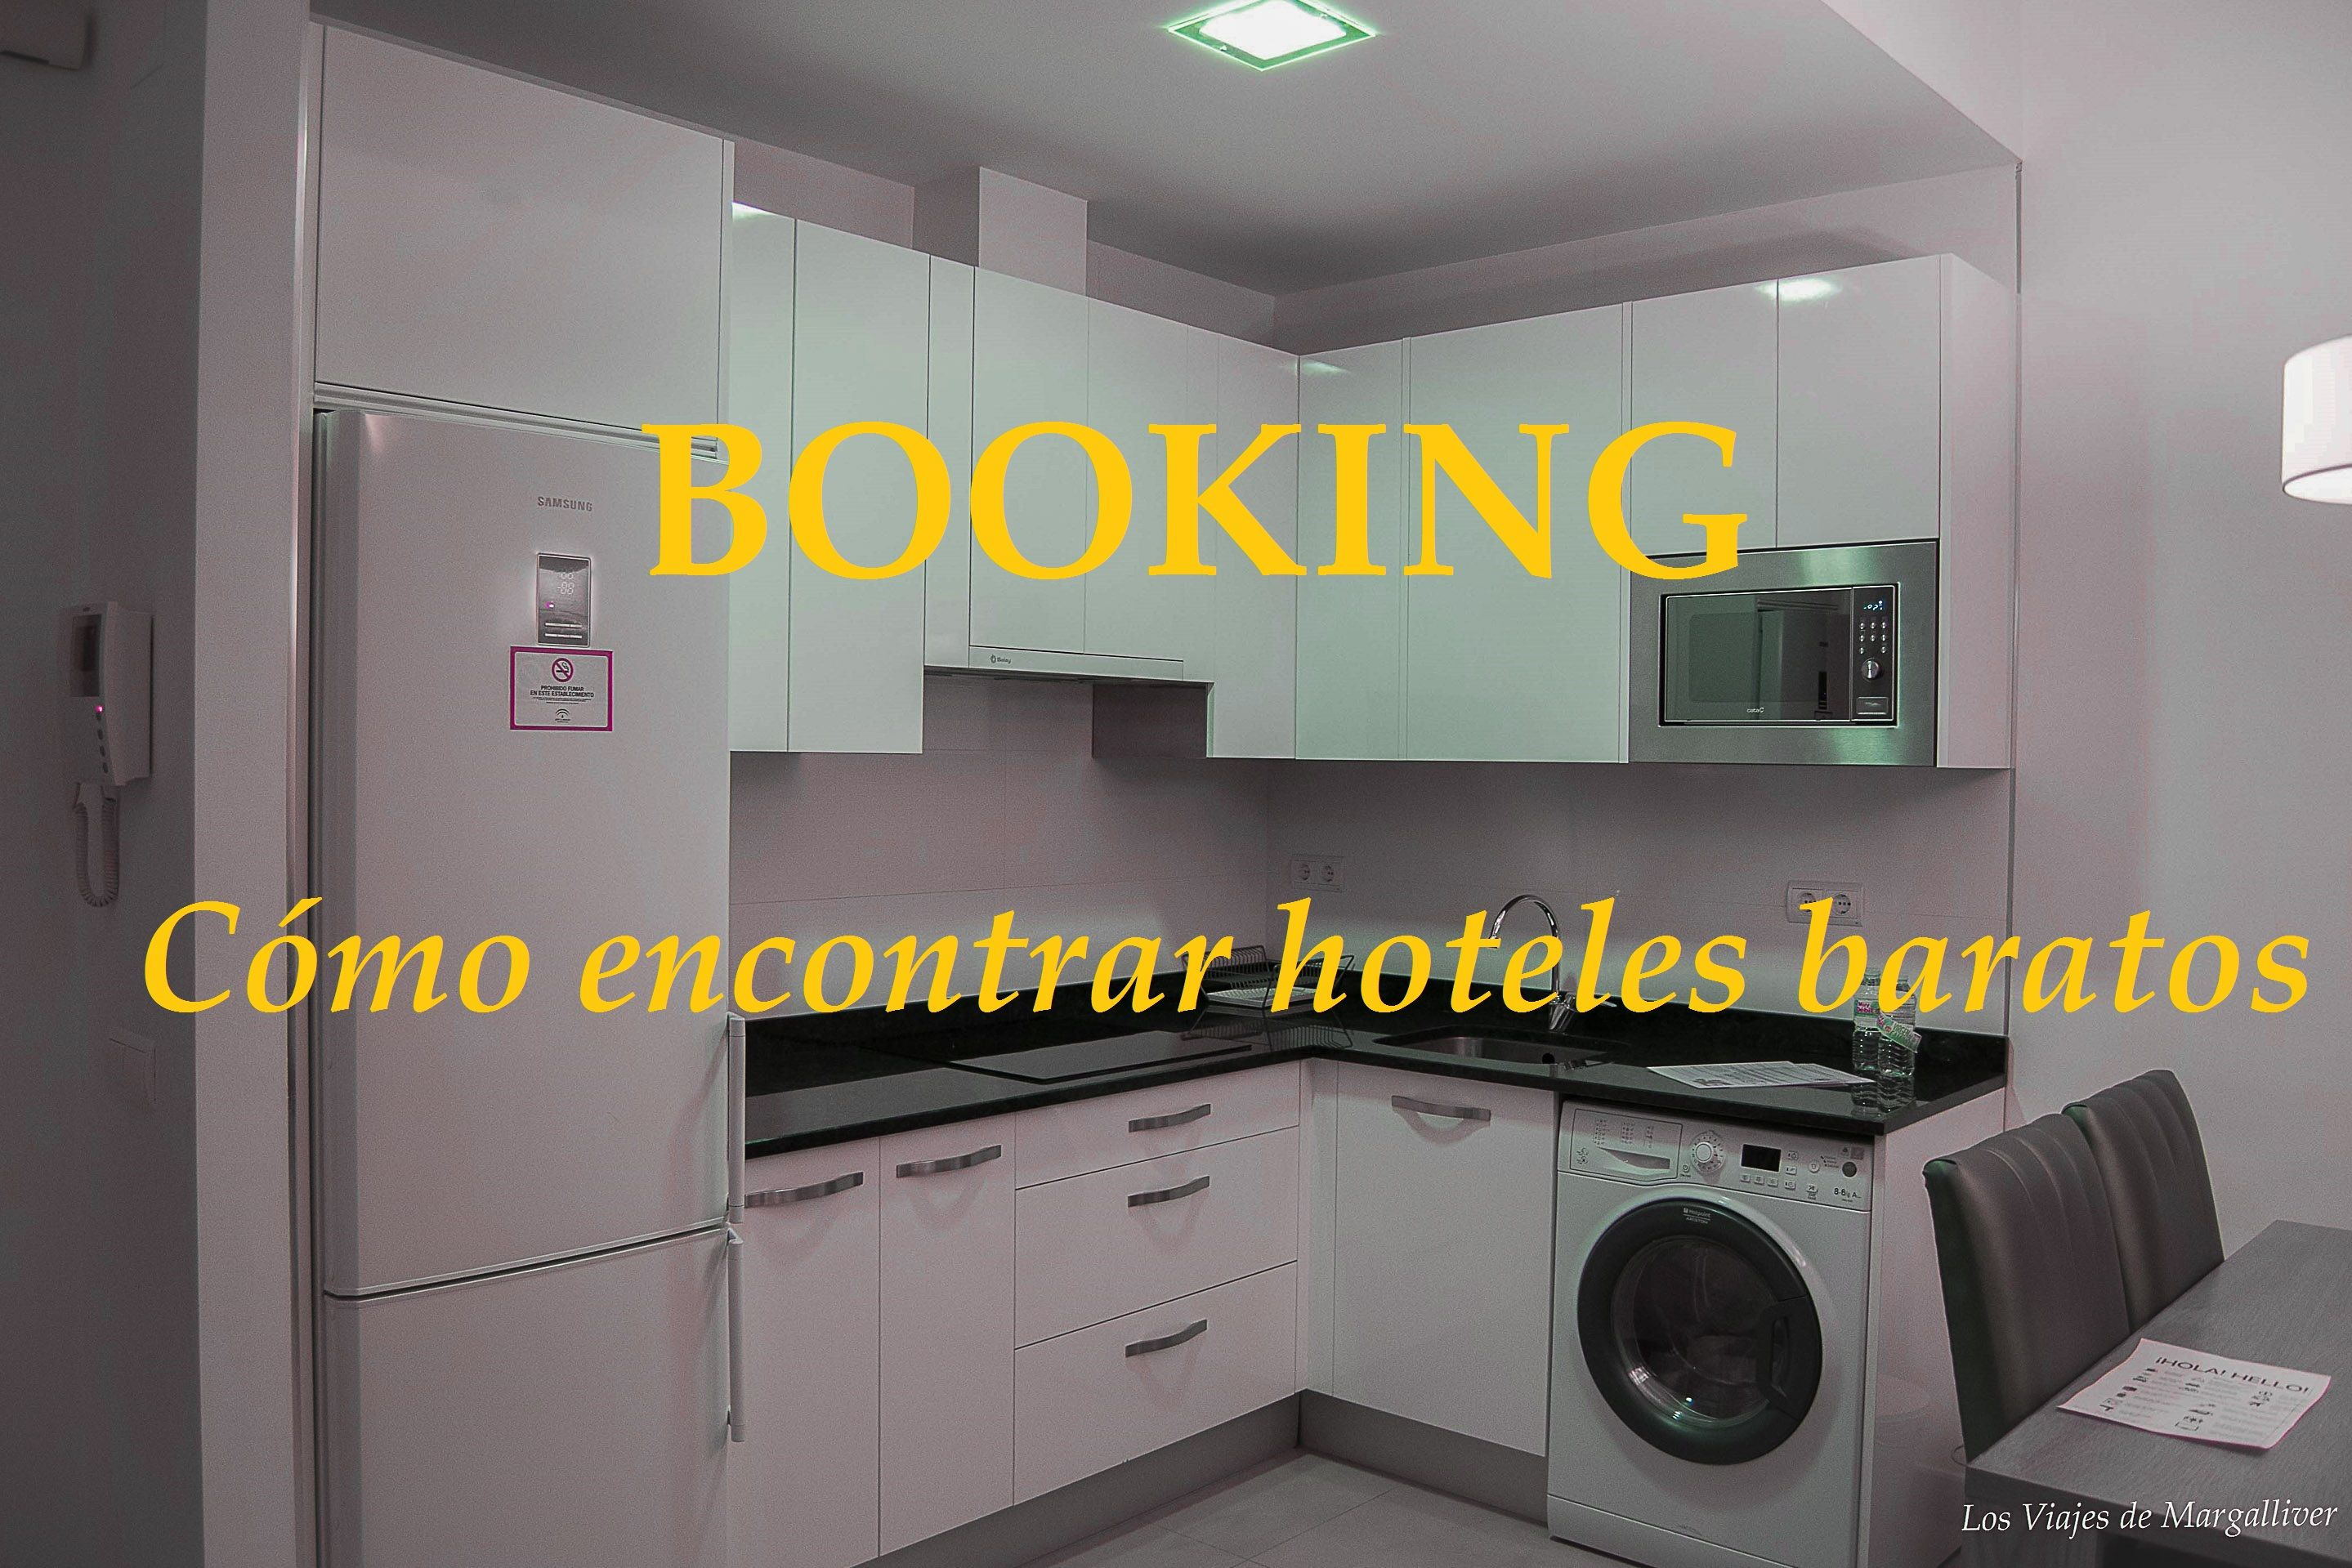 Booking-Cómo encontrar hoteles baratos